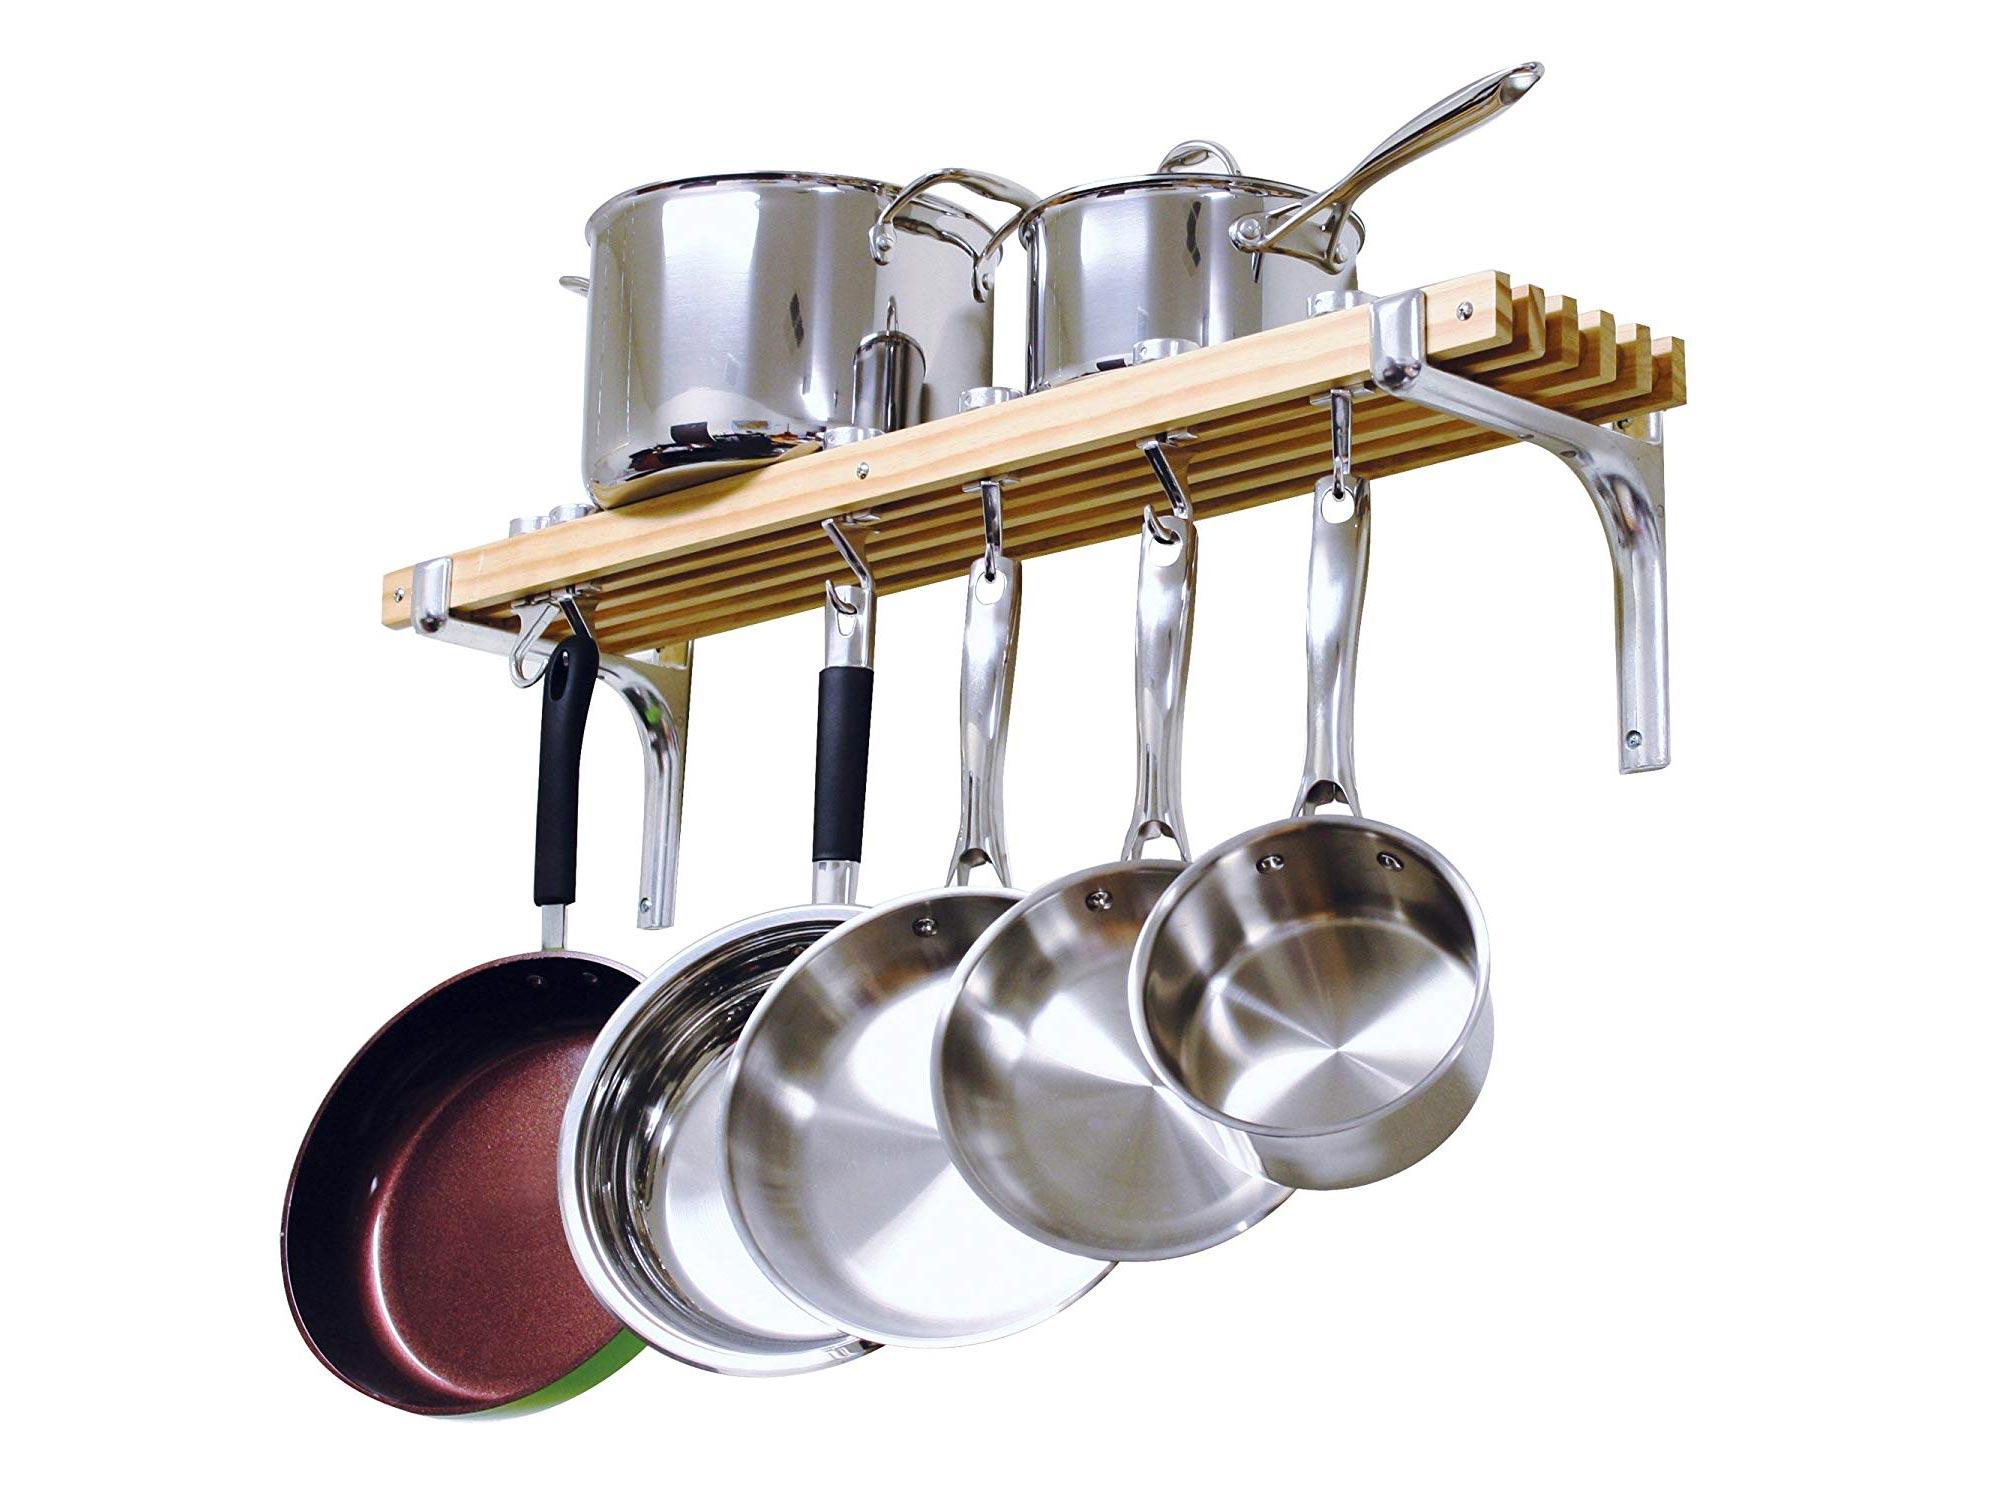 Wall-mounted pot organizer